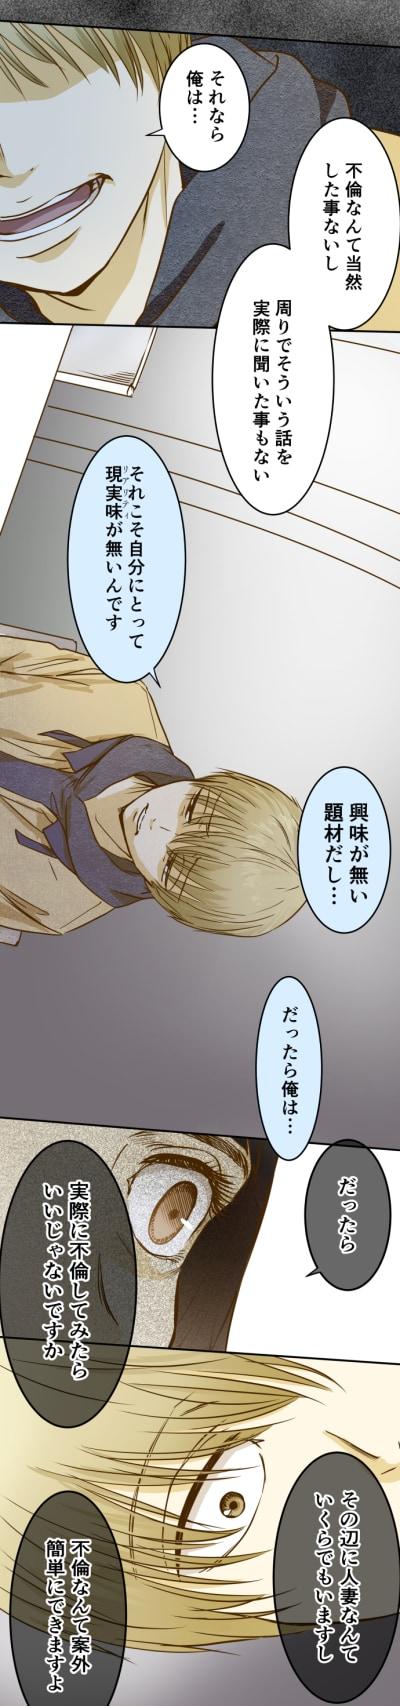 「高木先生の〆切のためなら!」より。